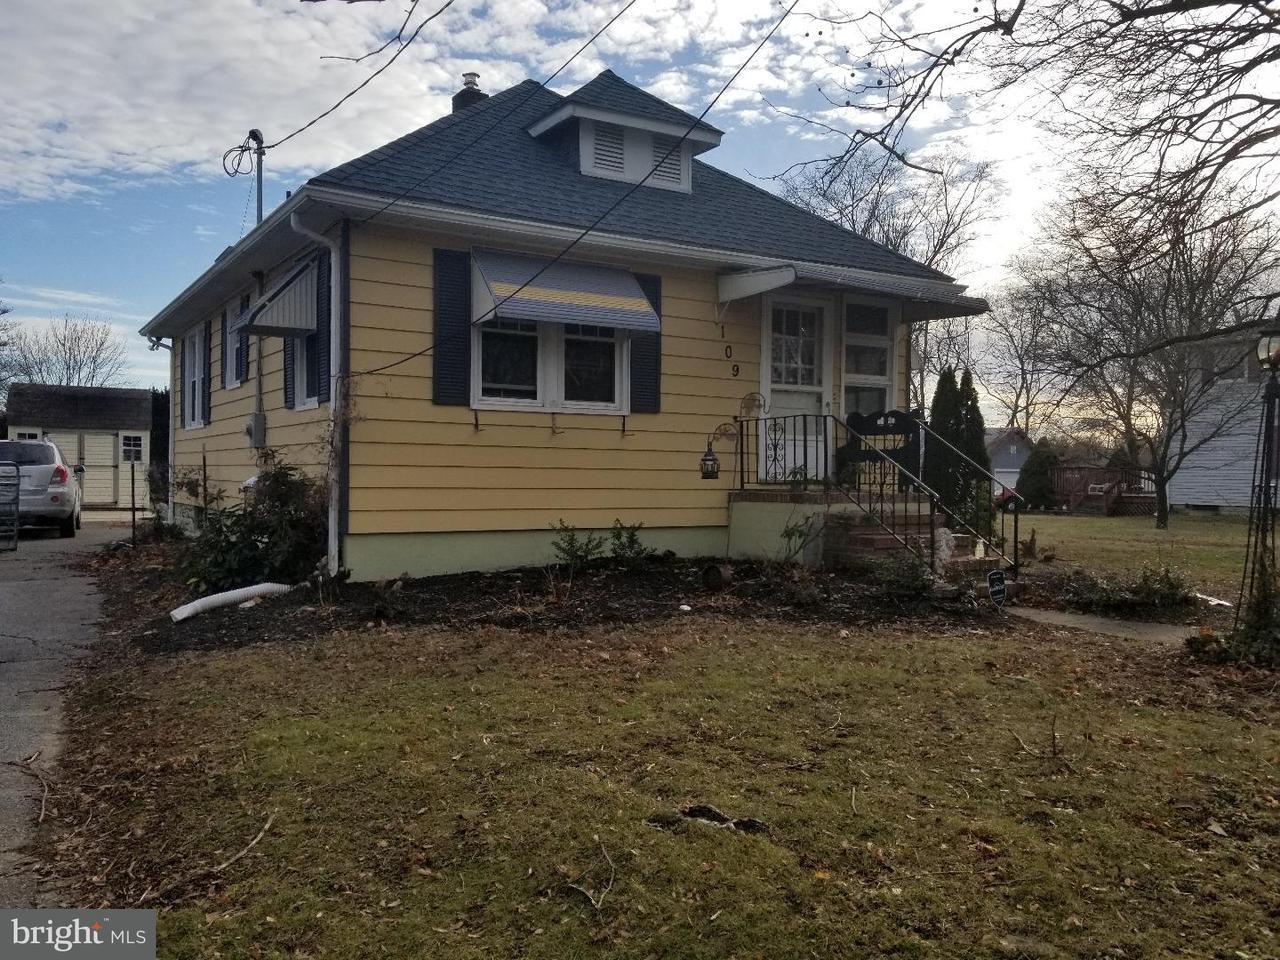 独户住宅 为 出租 在 109 RENA Street Newfield, 新泽西州 08344 美国